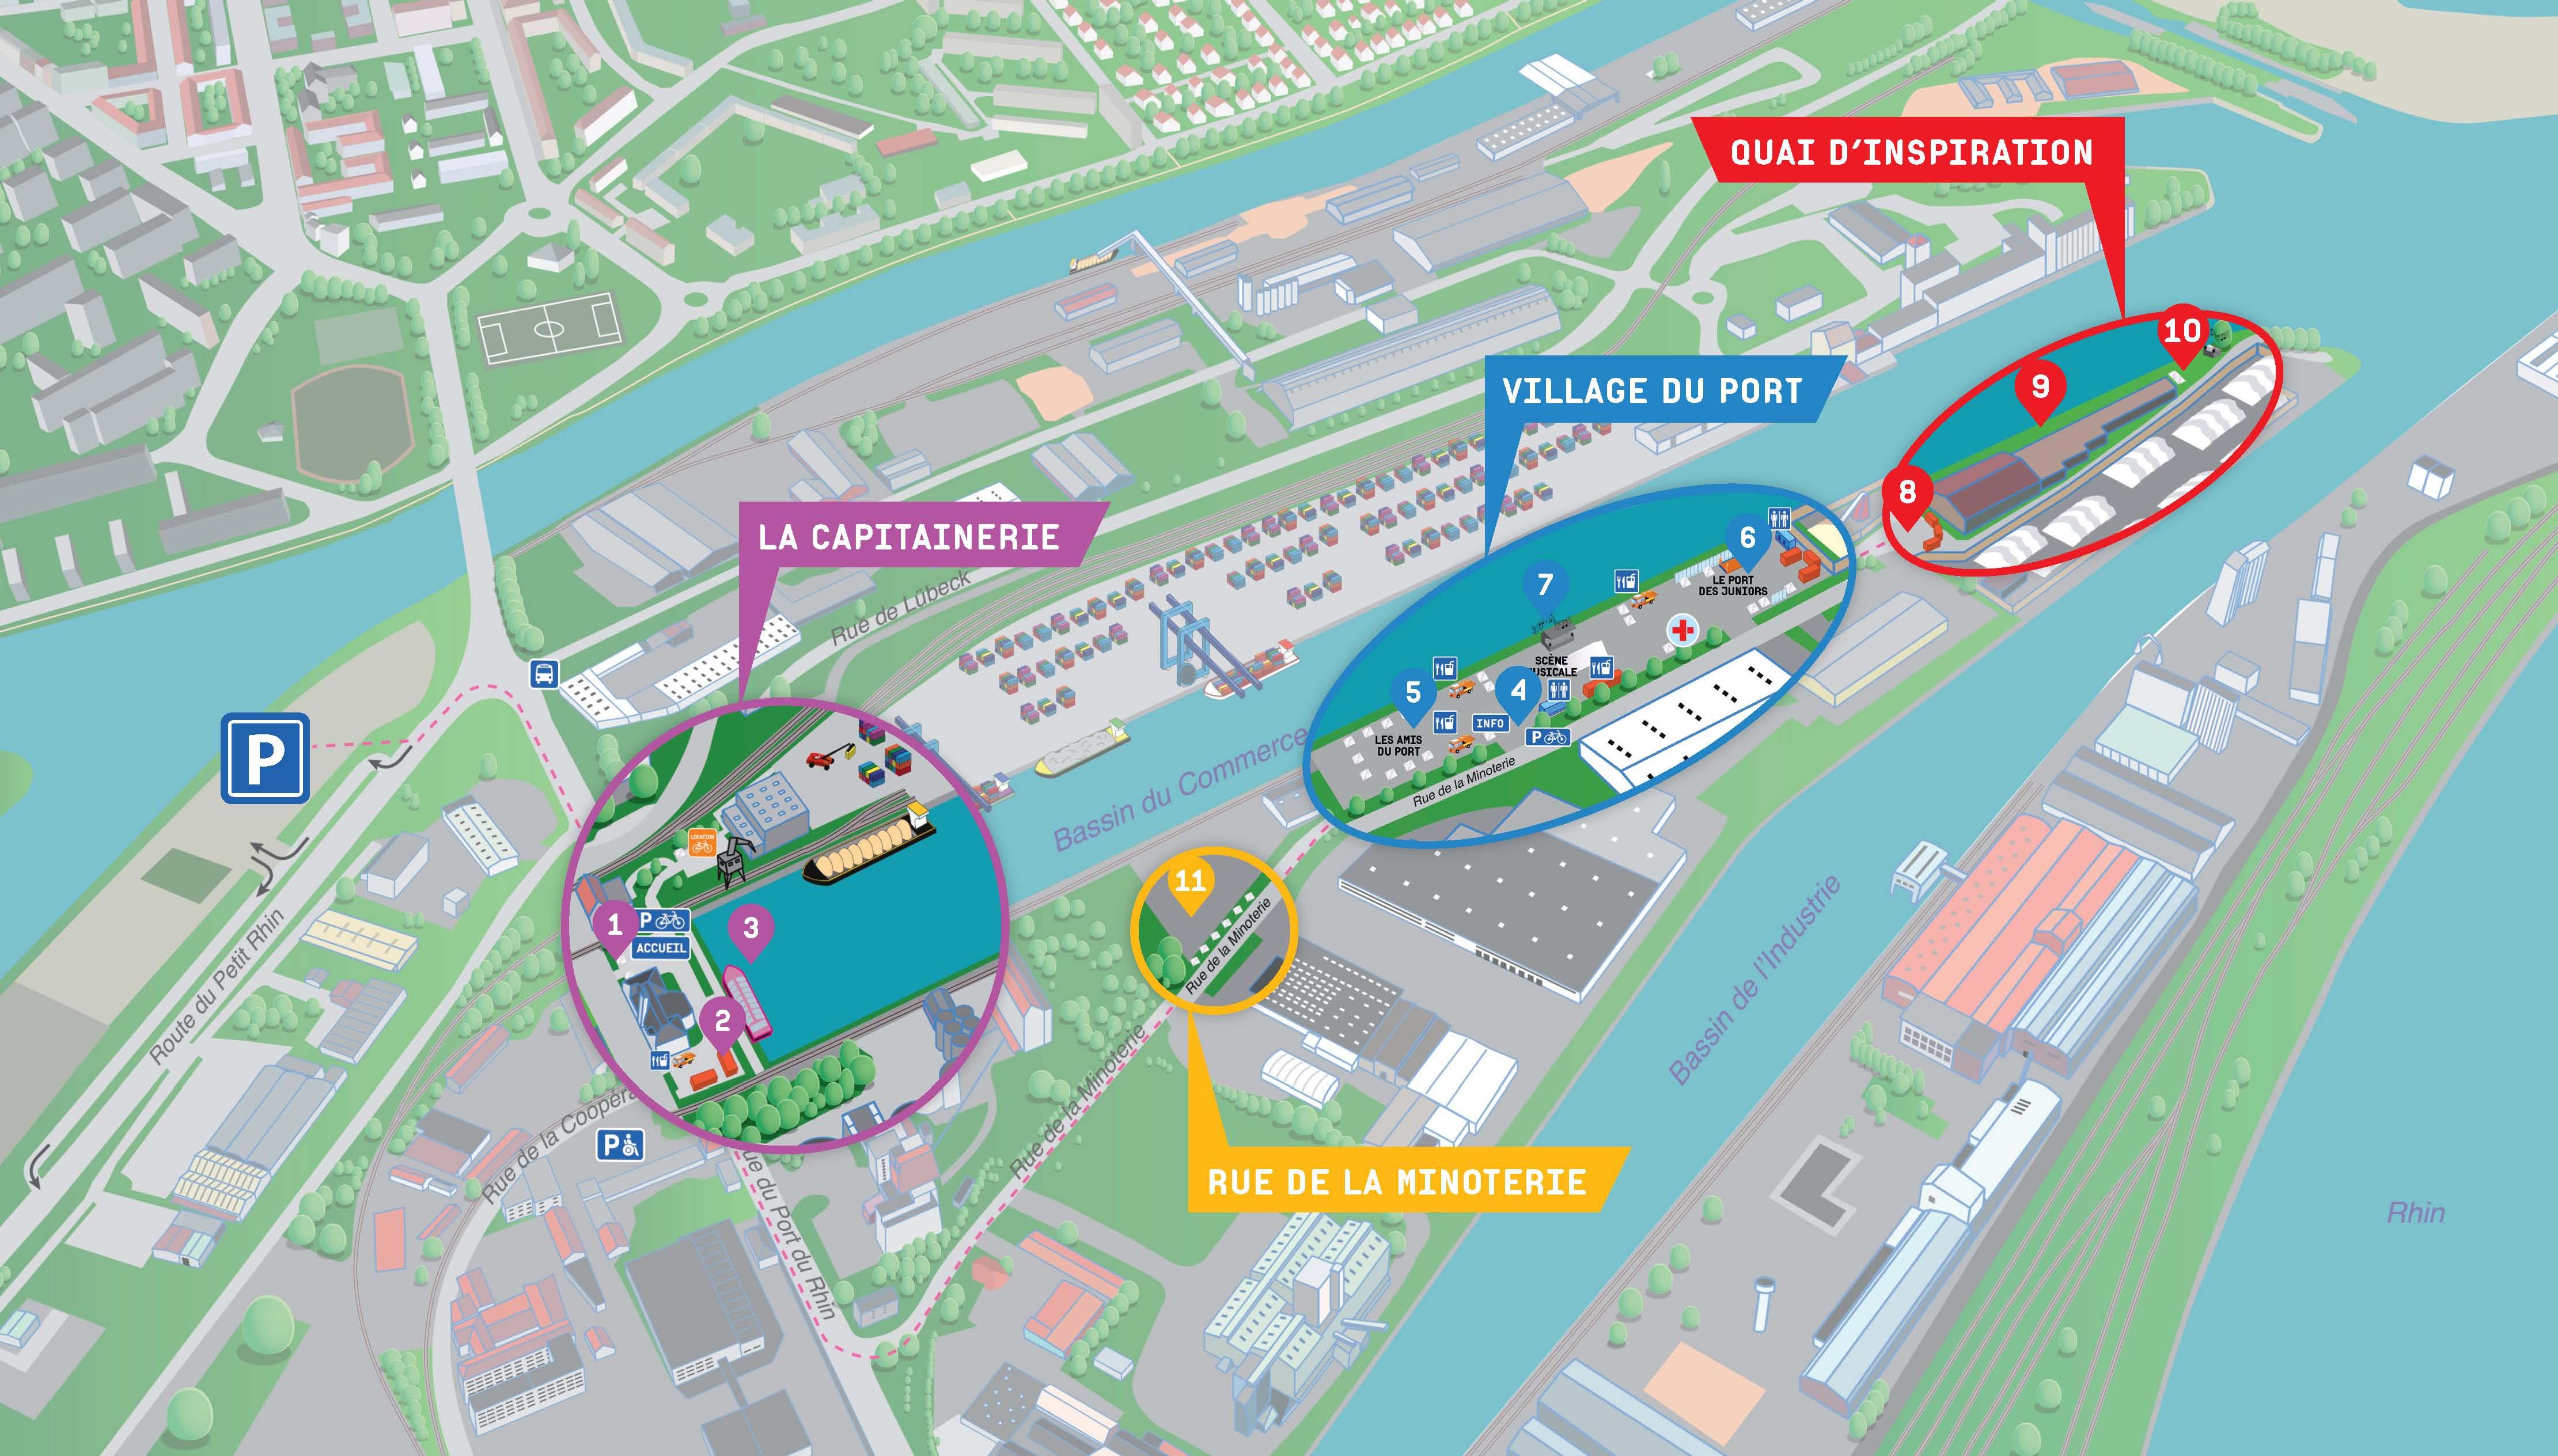 Plan du port pour le 19 juin 2016